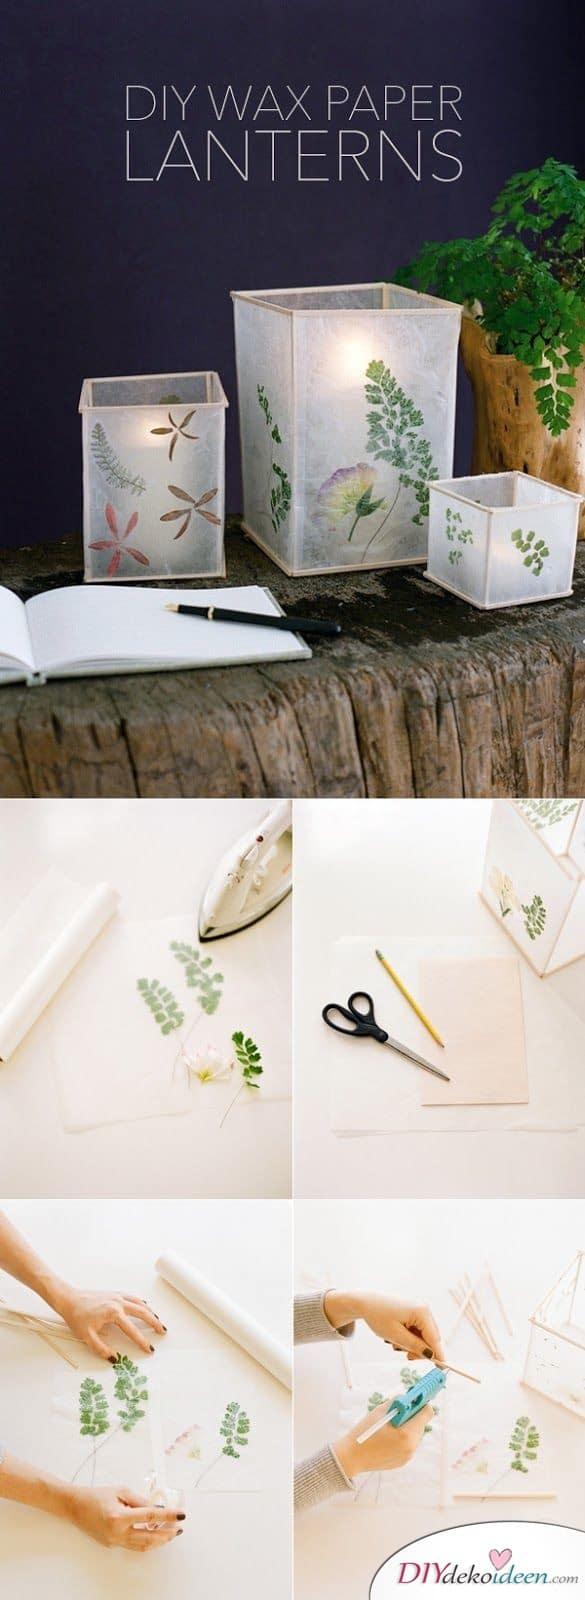 DIY Pergamentpapier-Laternen - kinderleichte Laternen basteln